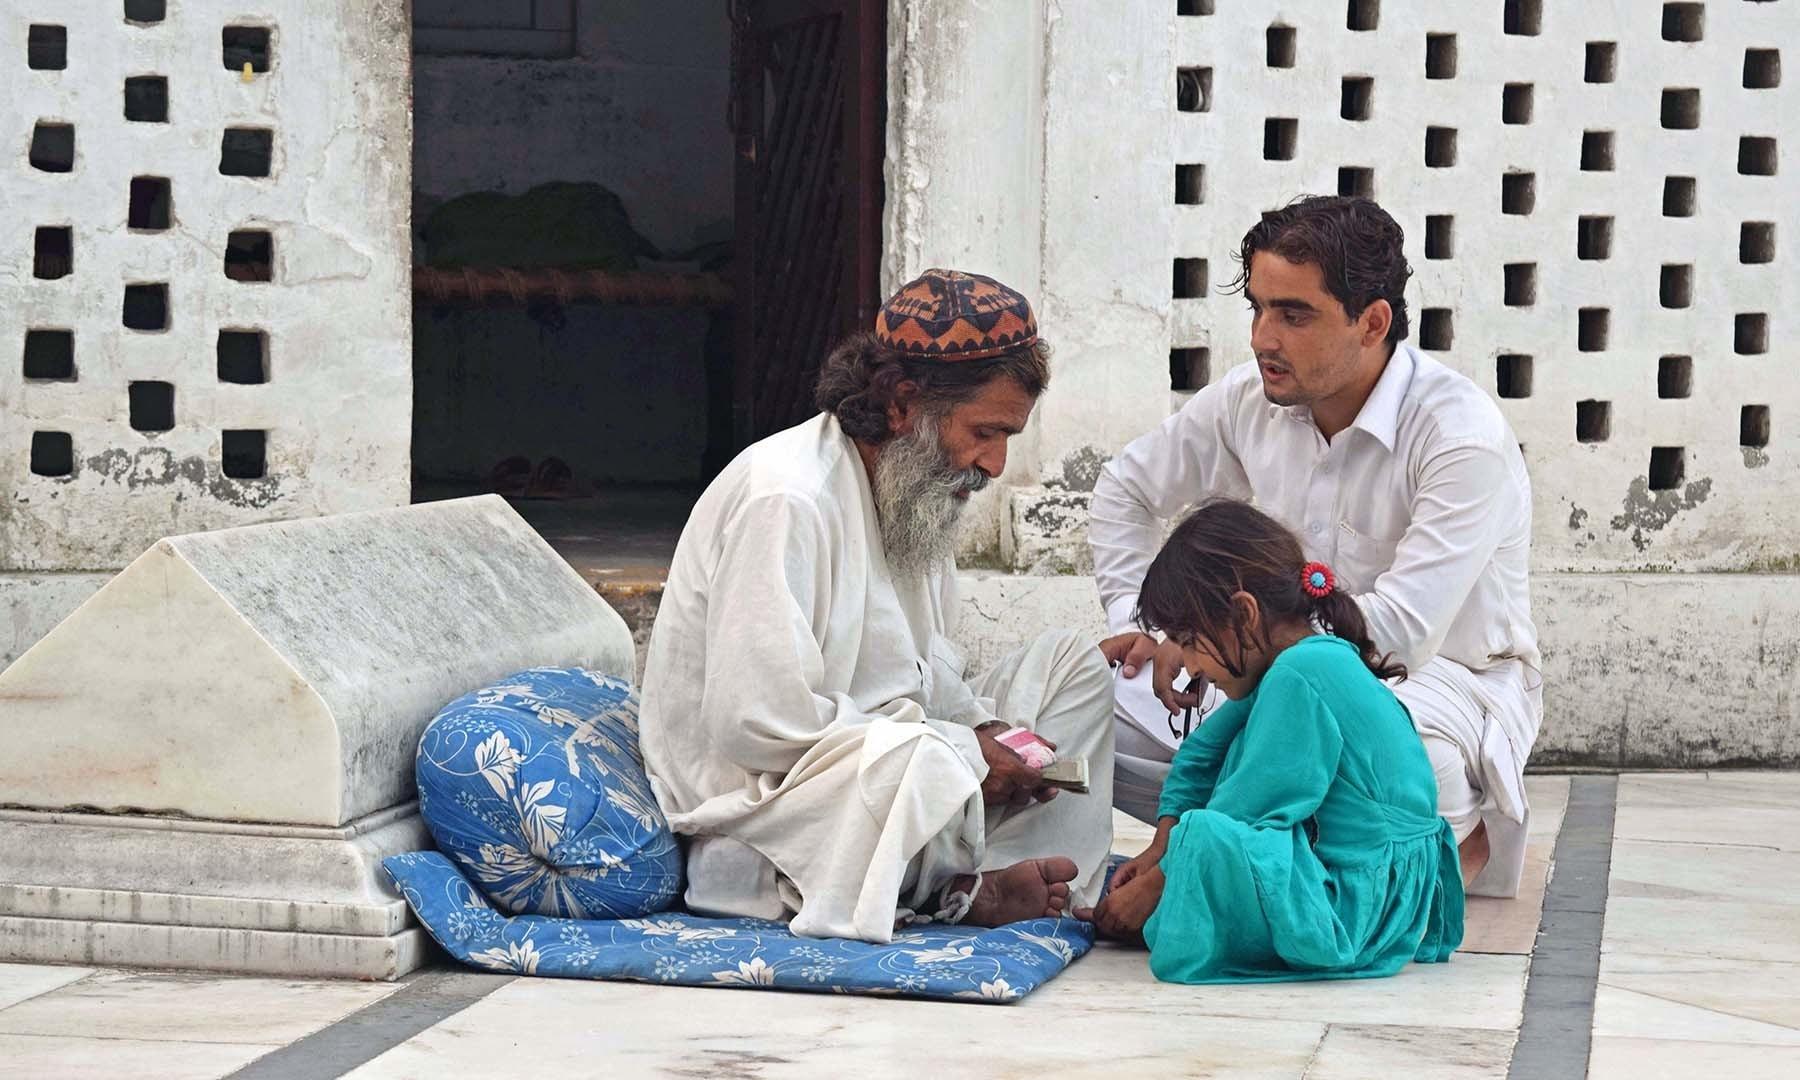 ایک ملنگ بیٹھا آنے والے زائر کی مشکل سن رہا ہے— فوٹو امجد علی سحاب